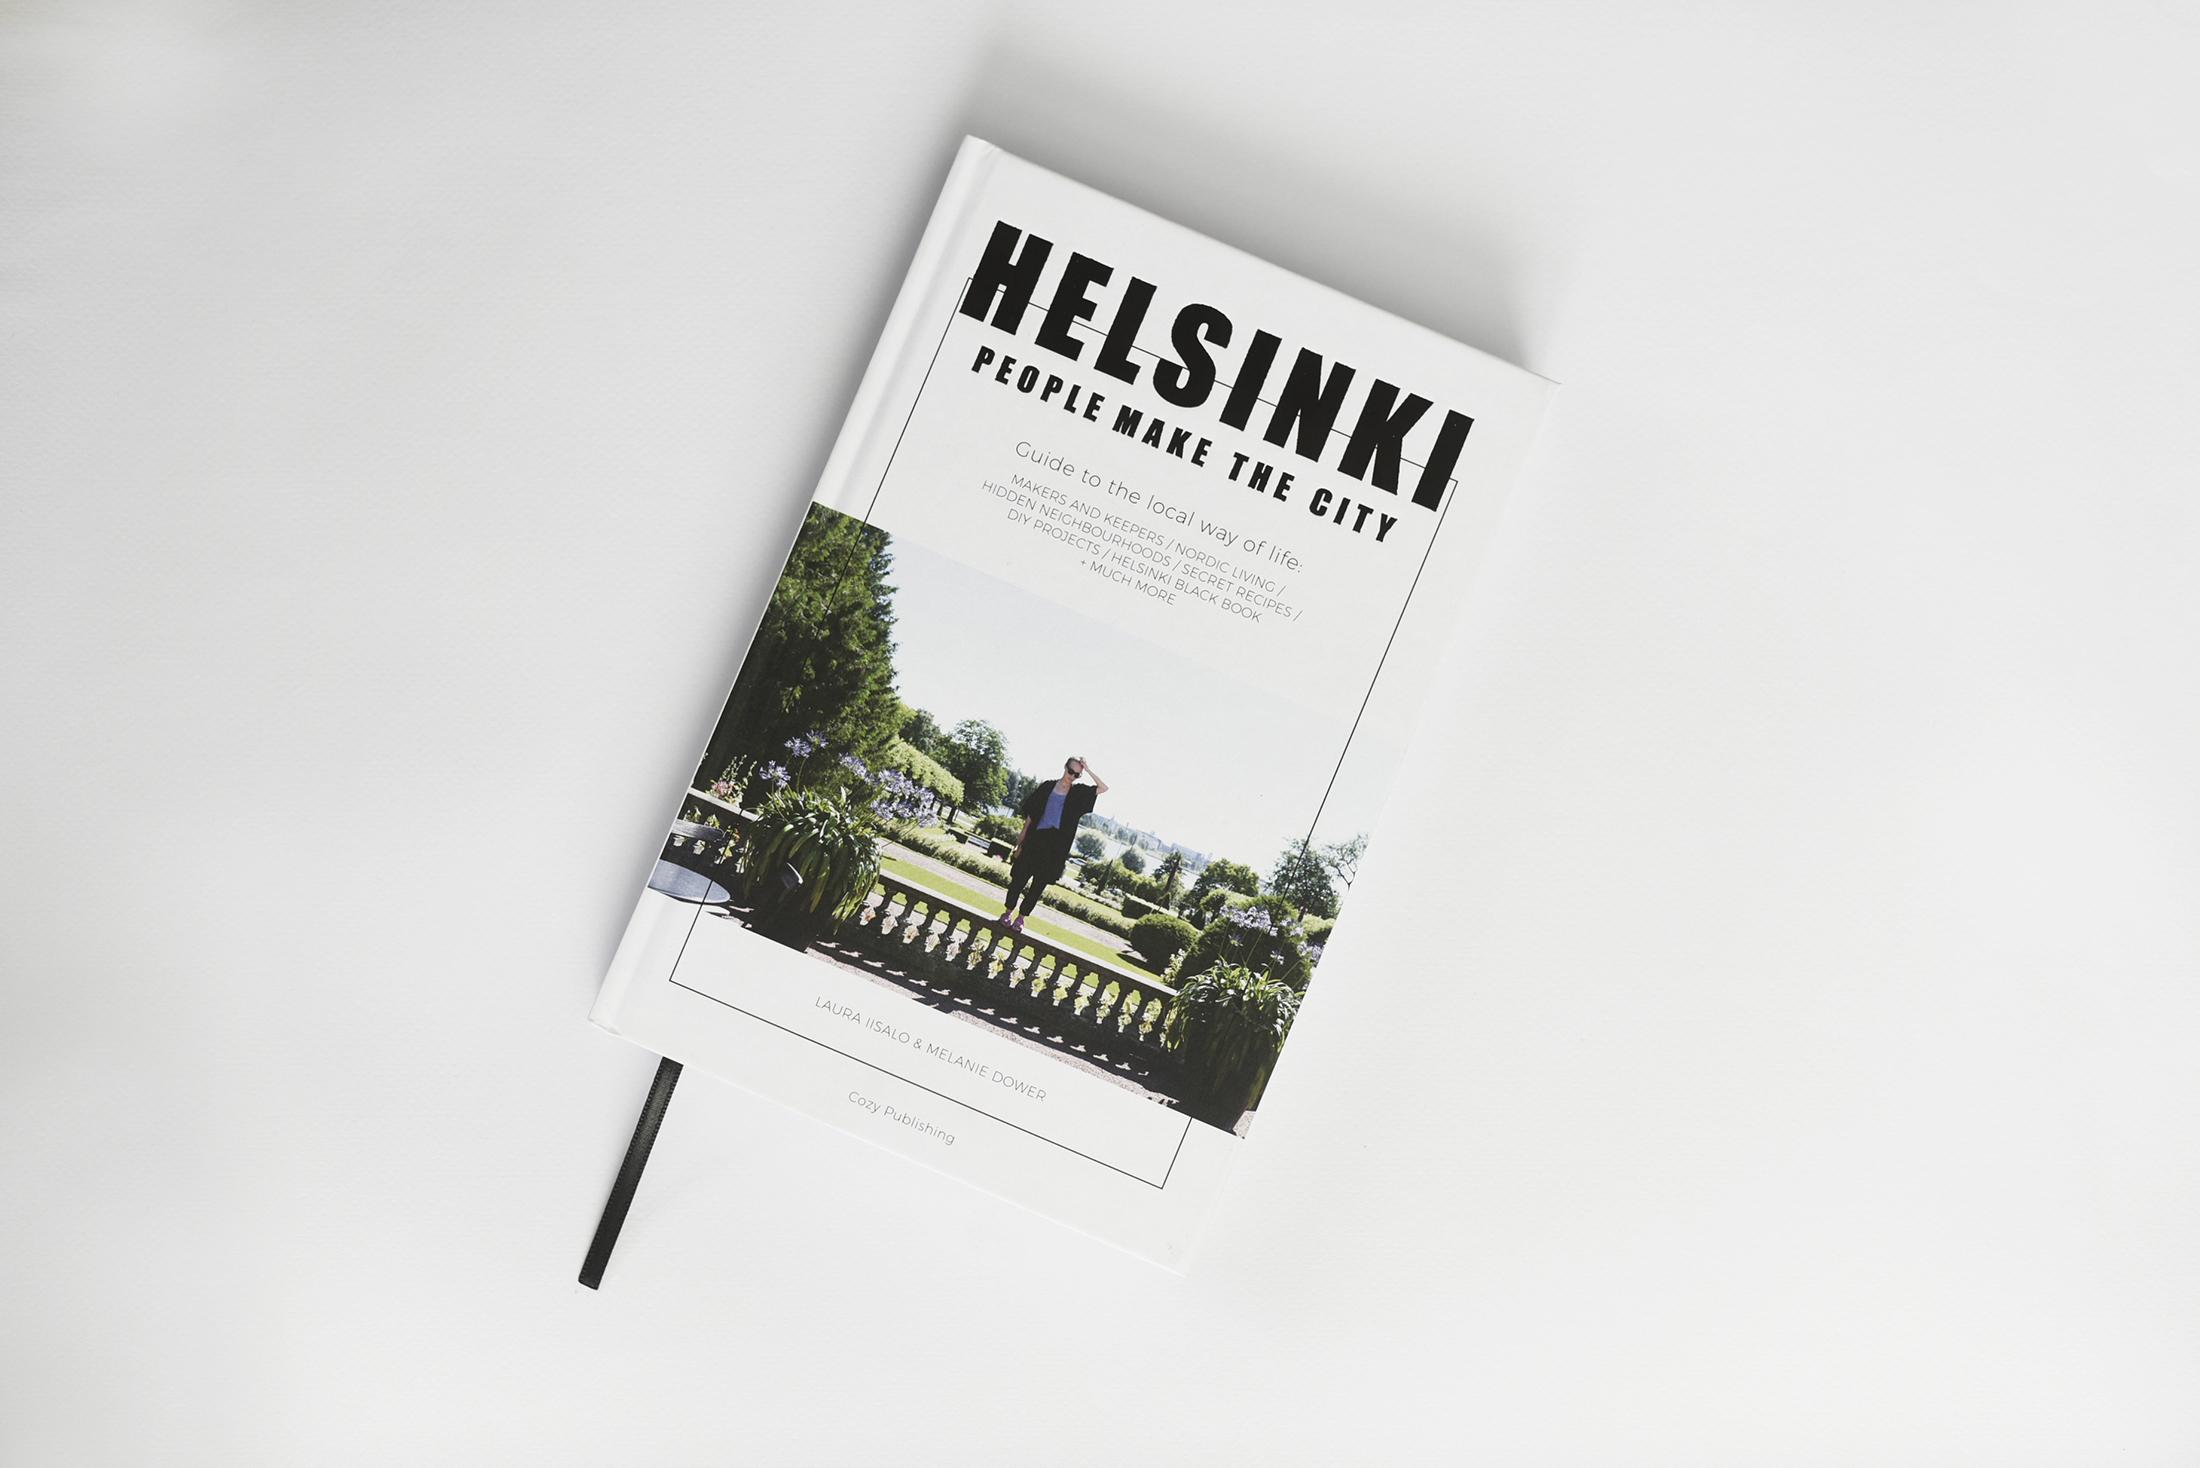 Helsinki001-1.jpg